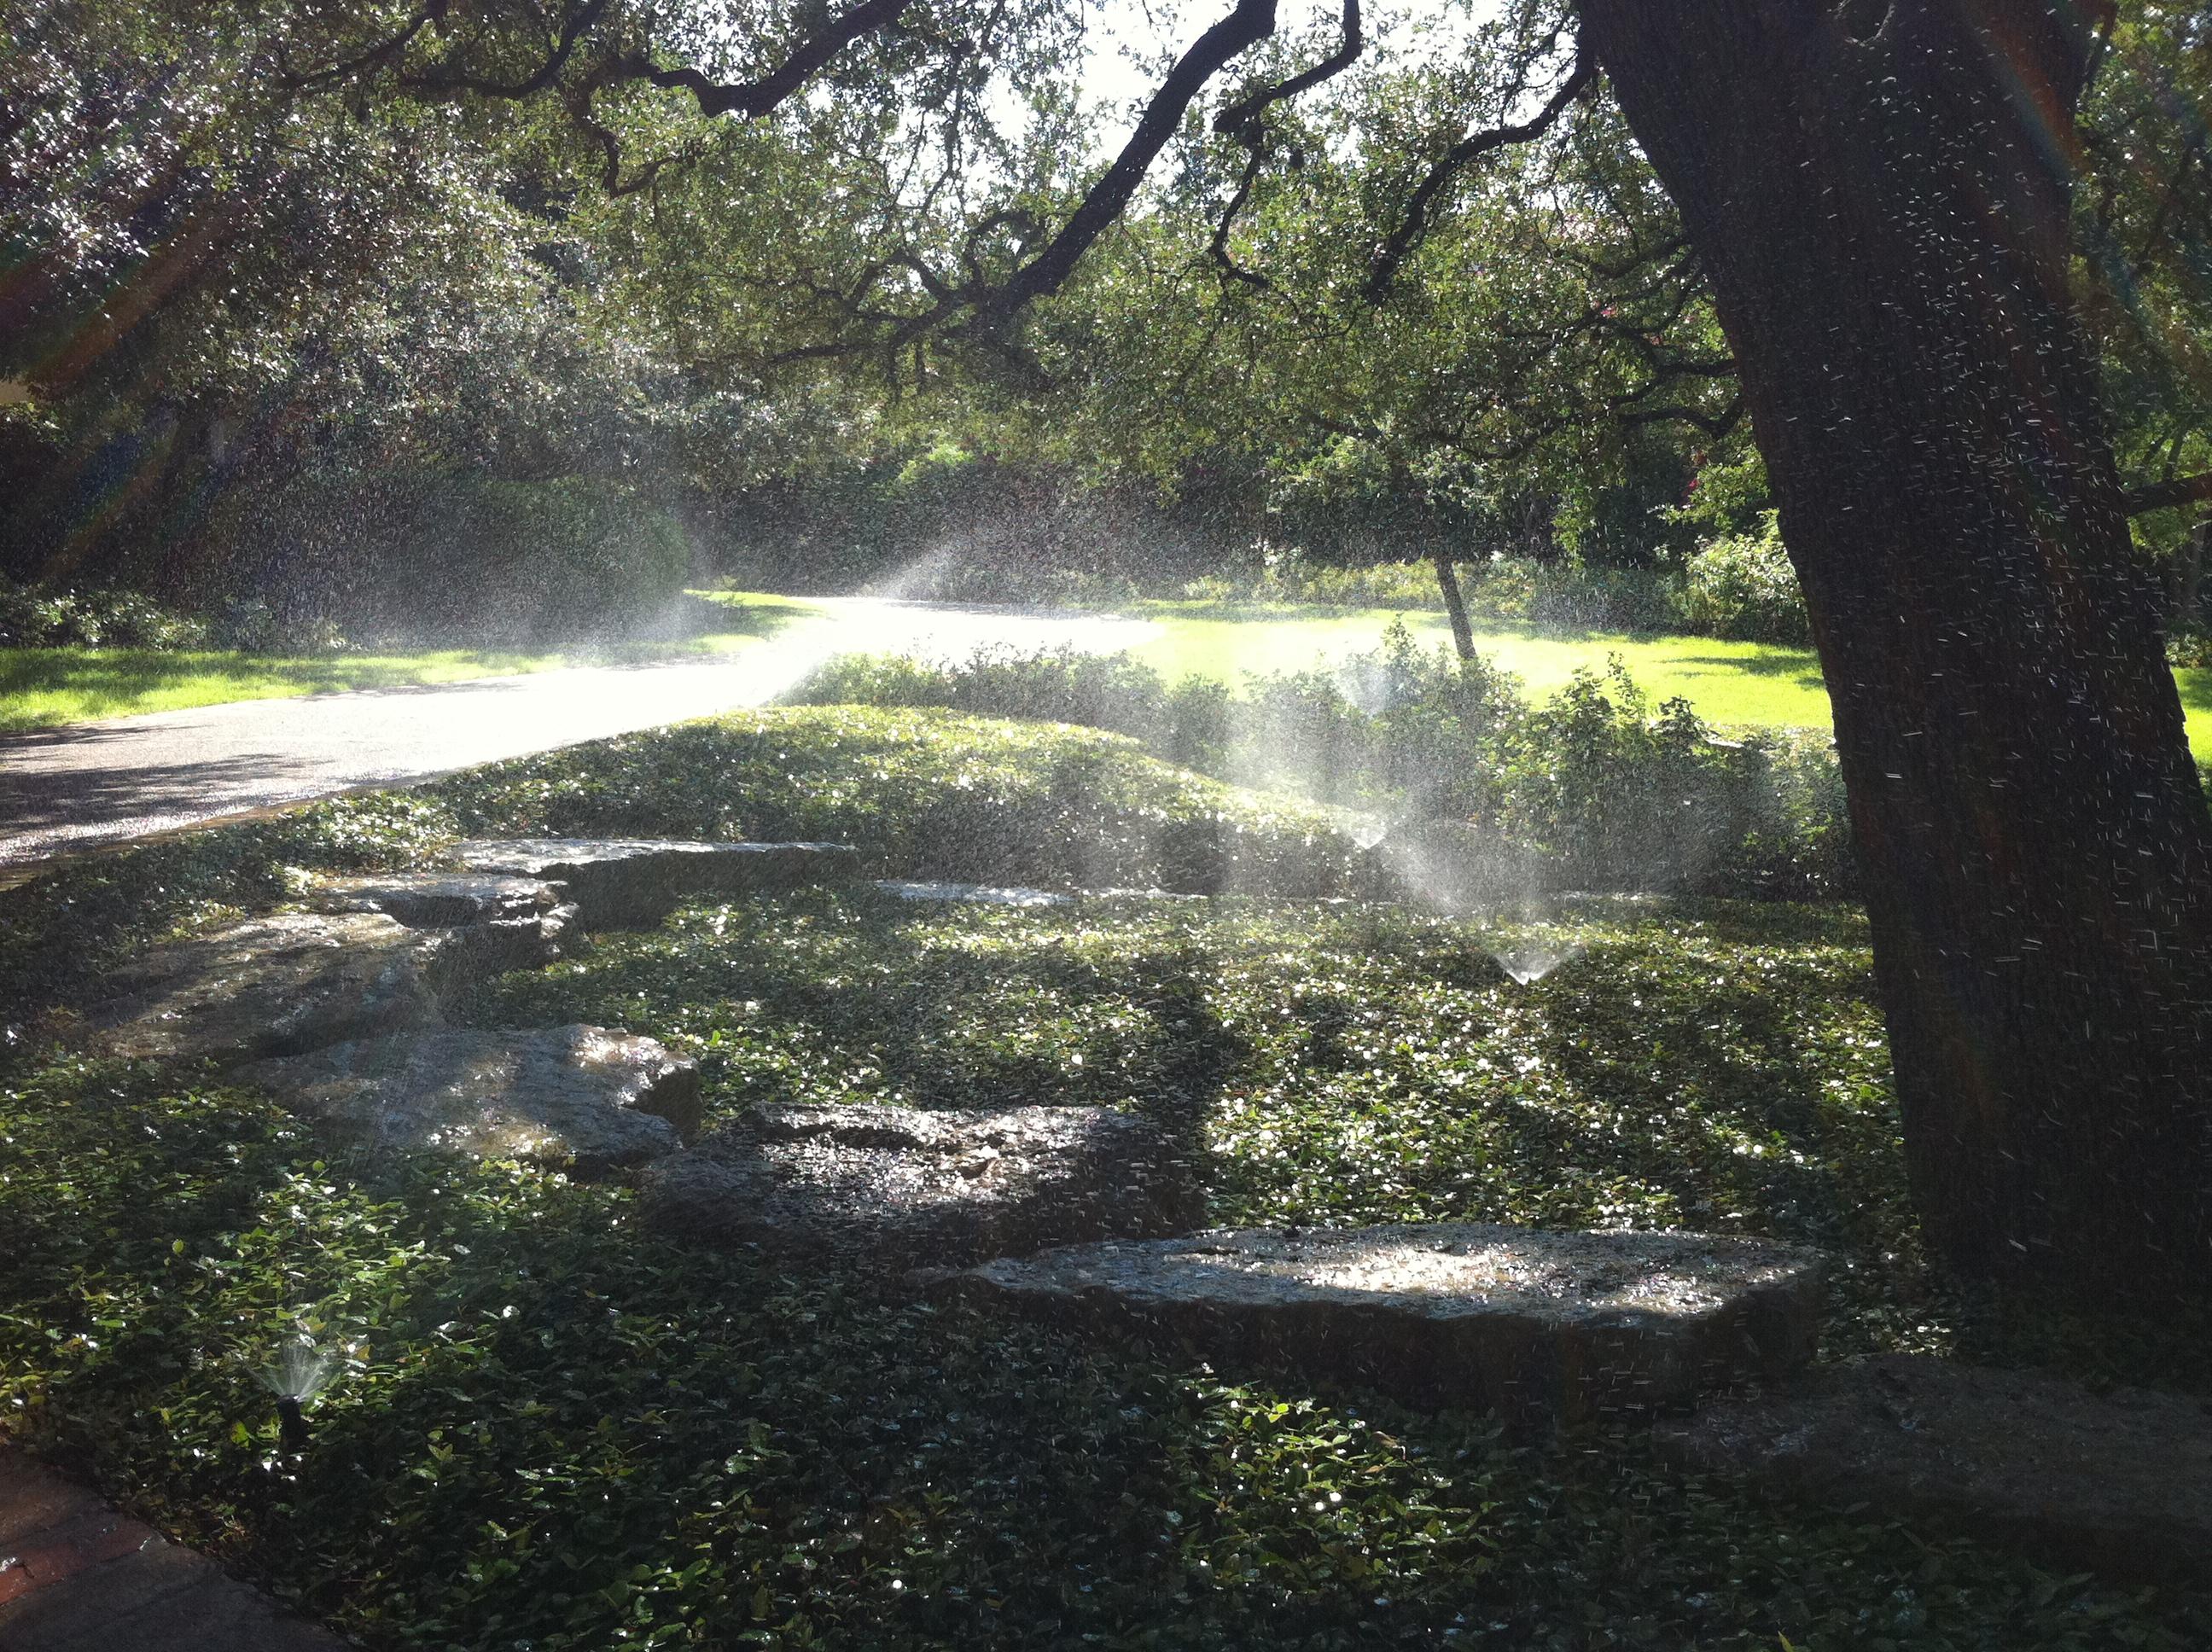 Sprinkler System Active